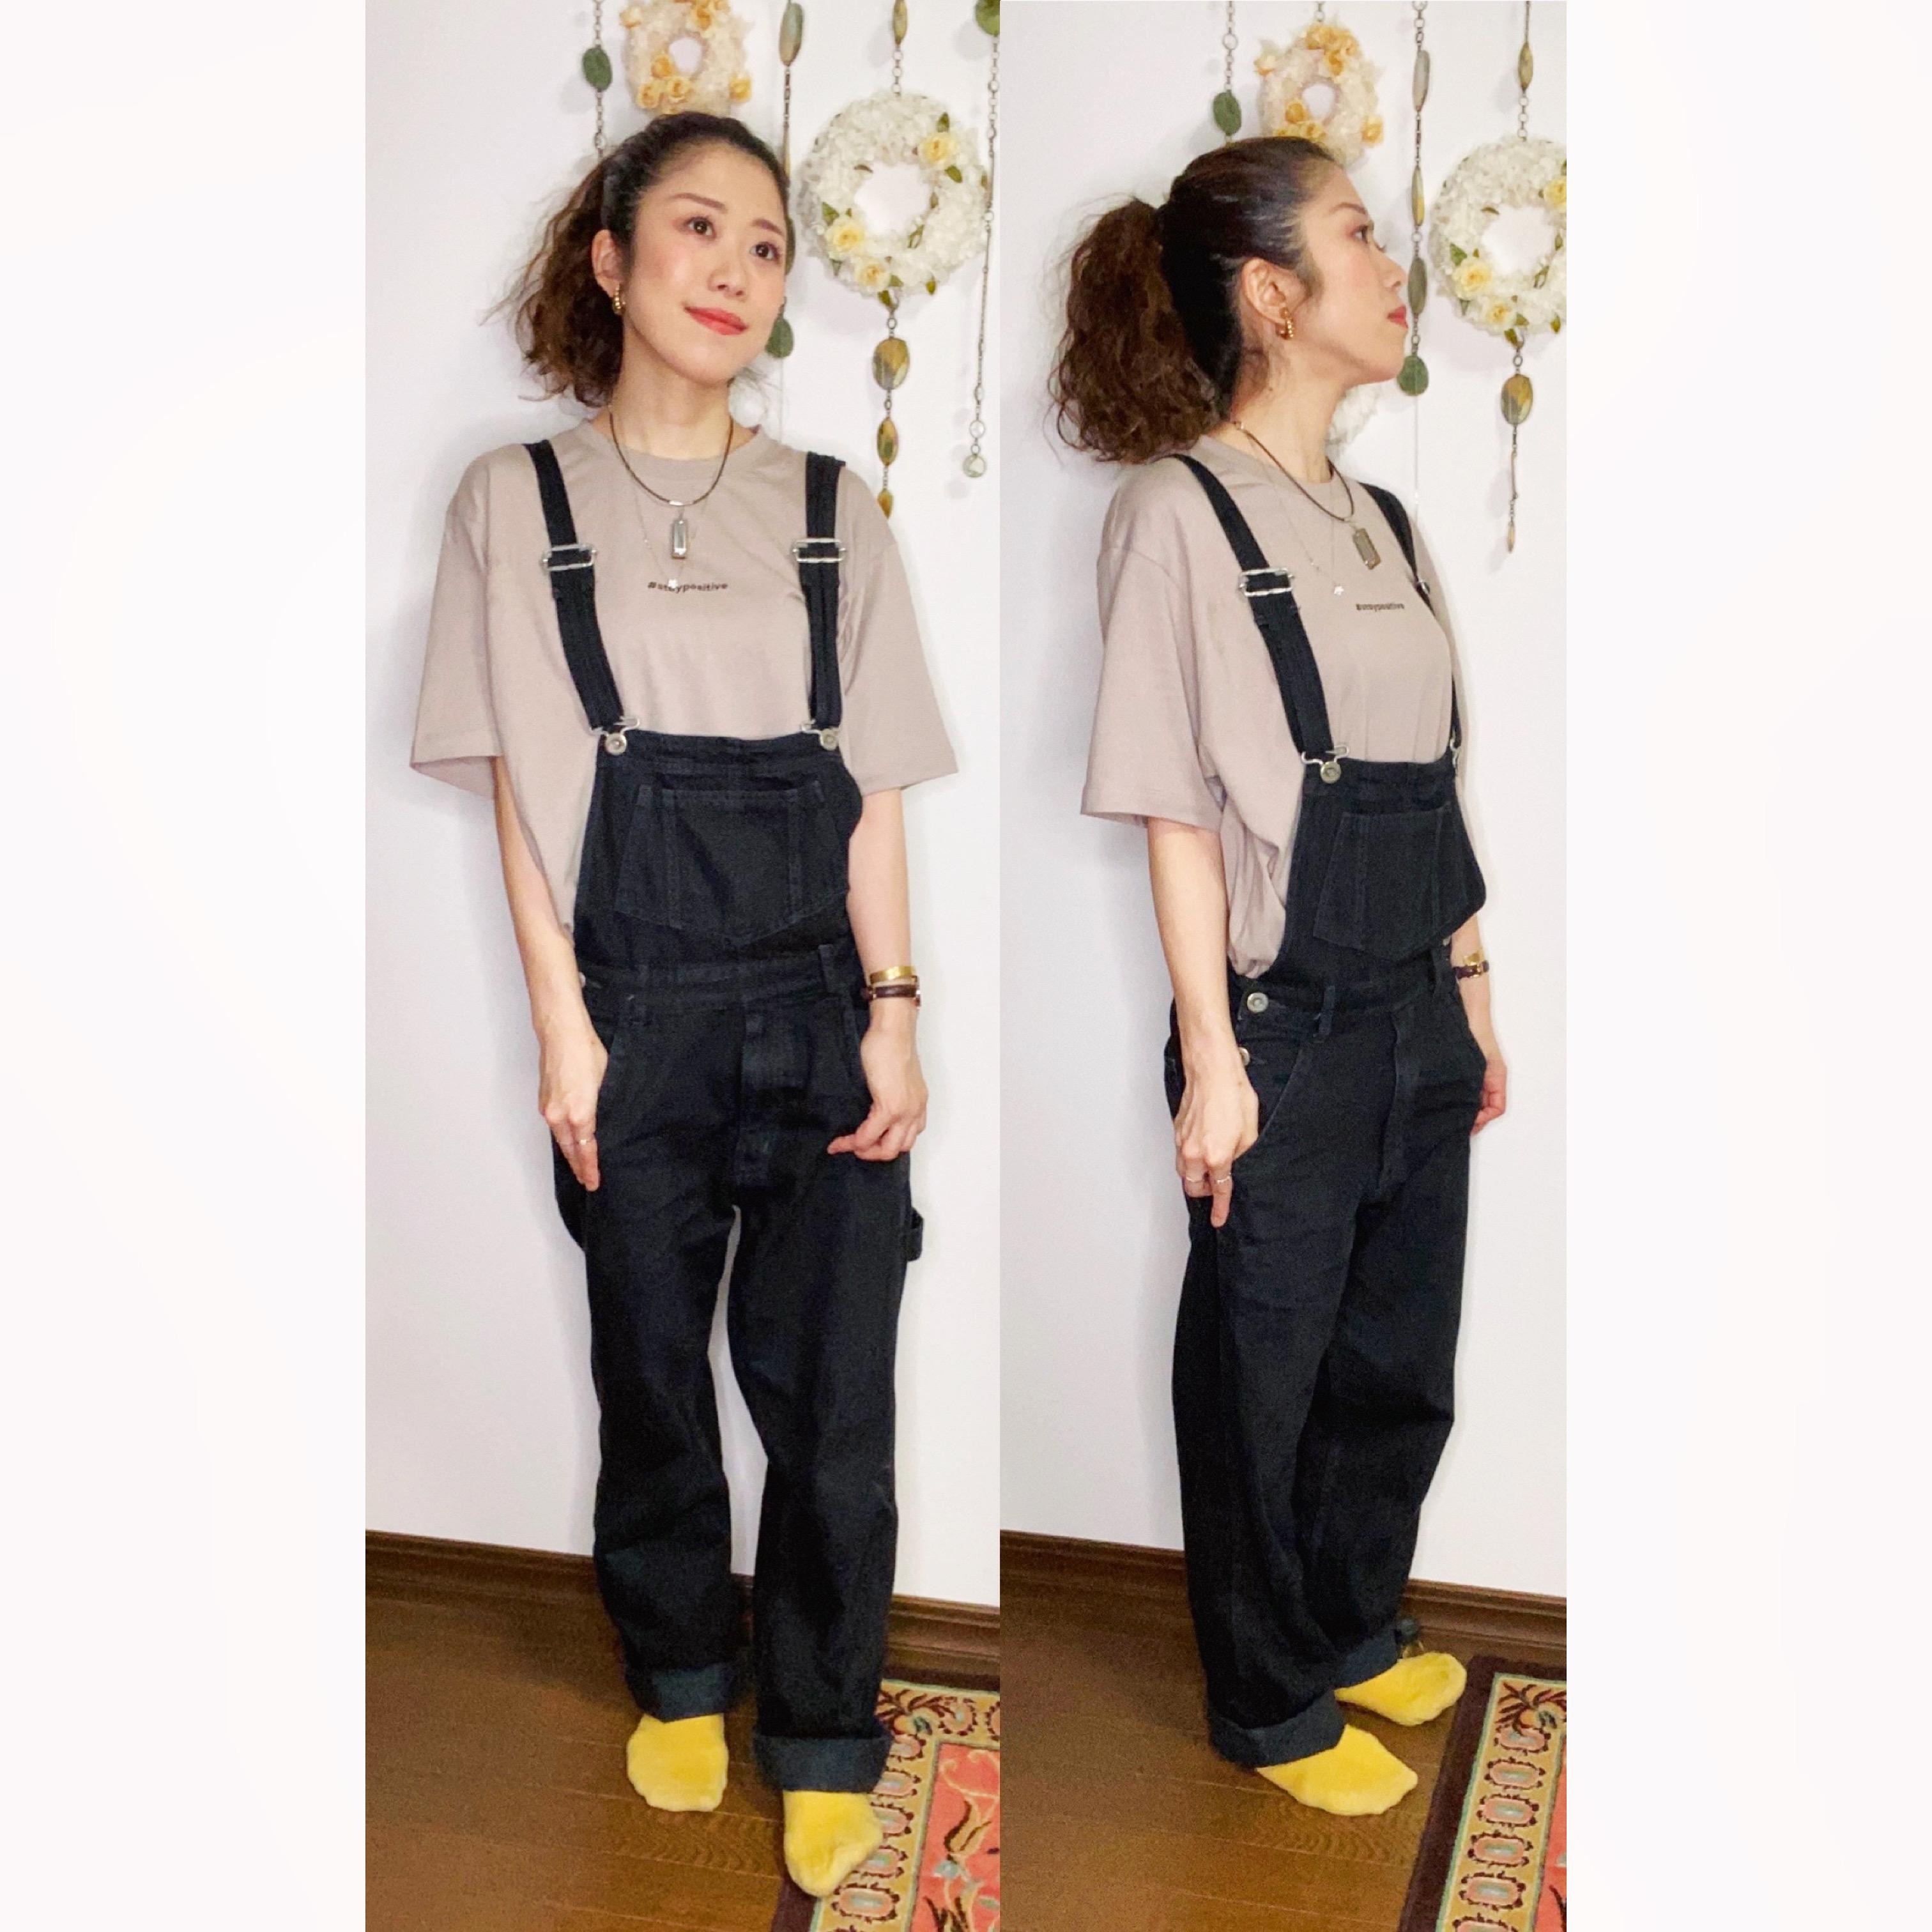 【オンナノコの休日ファッション】2020.8.5【うたうゆきこ】 | MOREインフルエンサーズブログ | DAILY MORE